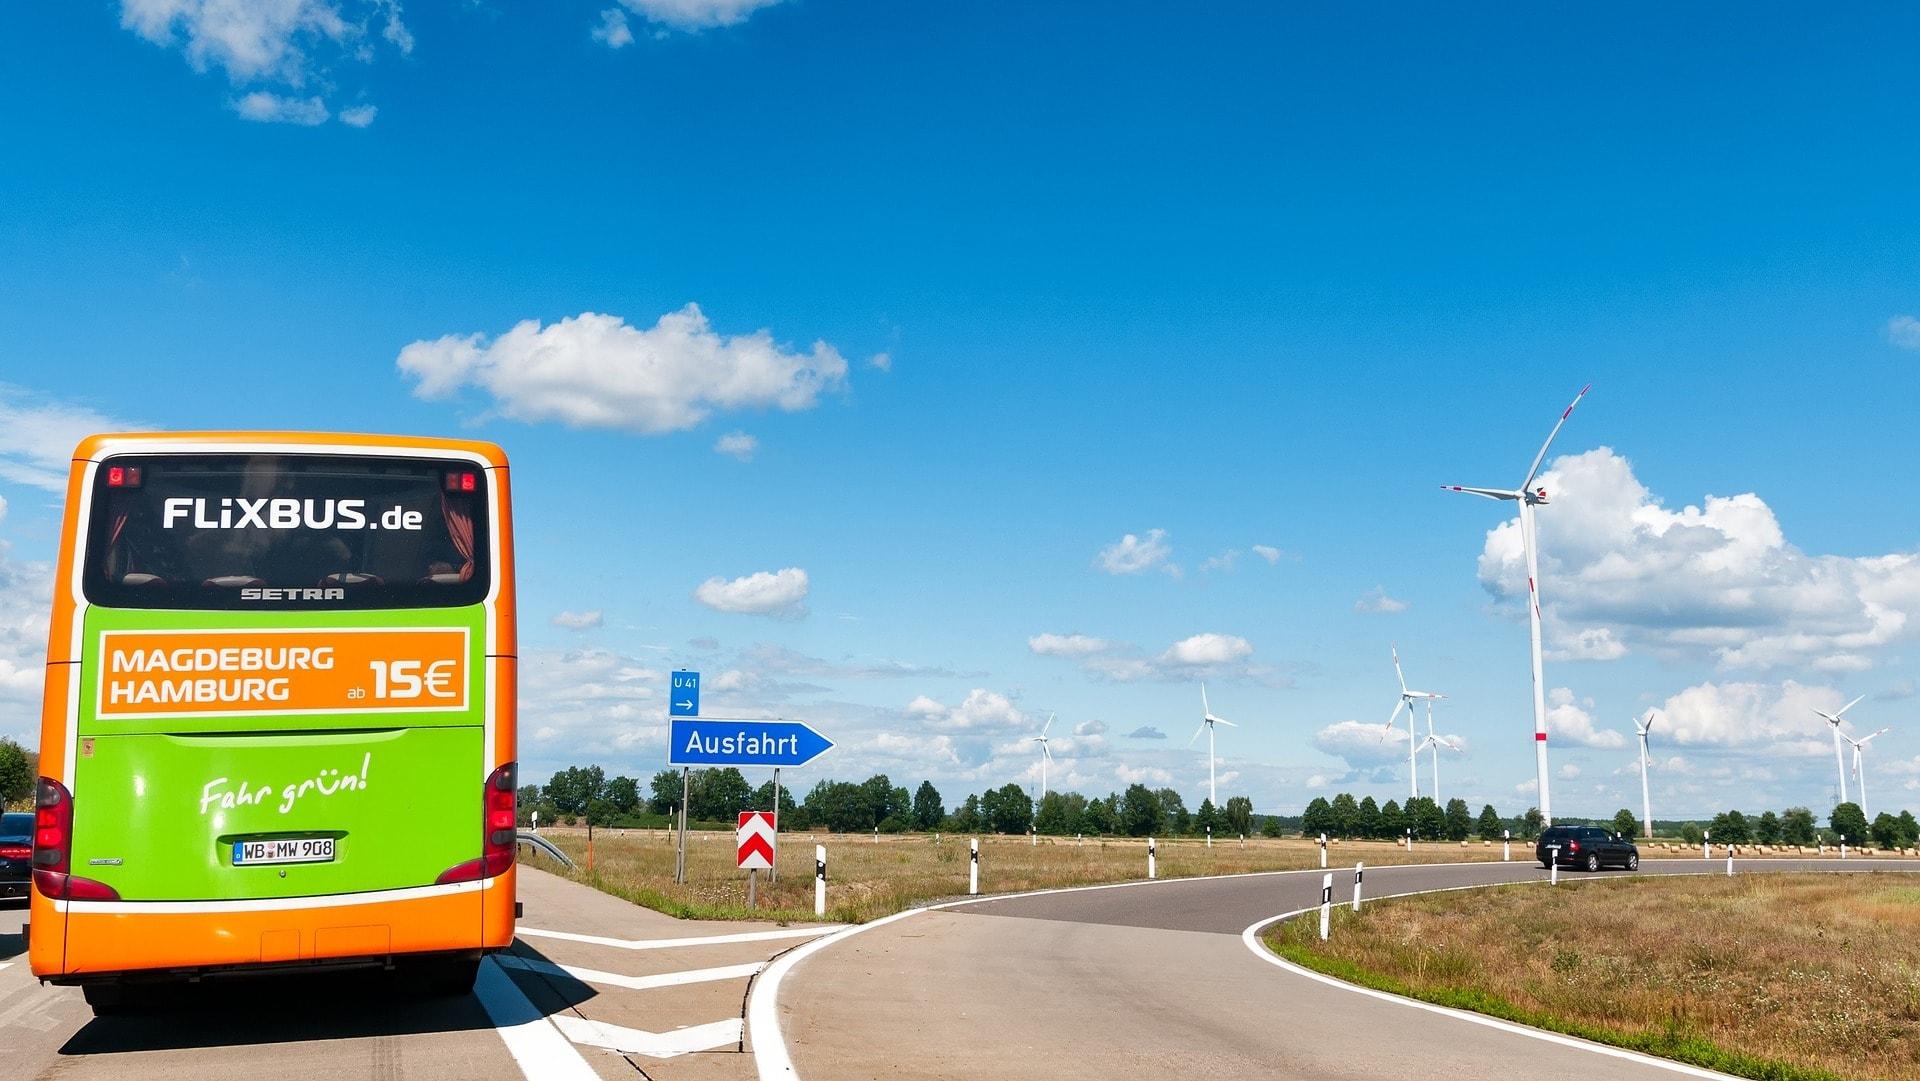 Mit dem Flixbus lässt sich klimaschonend nach Skandinavien reisen